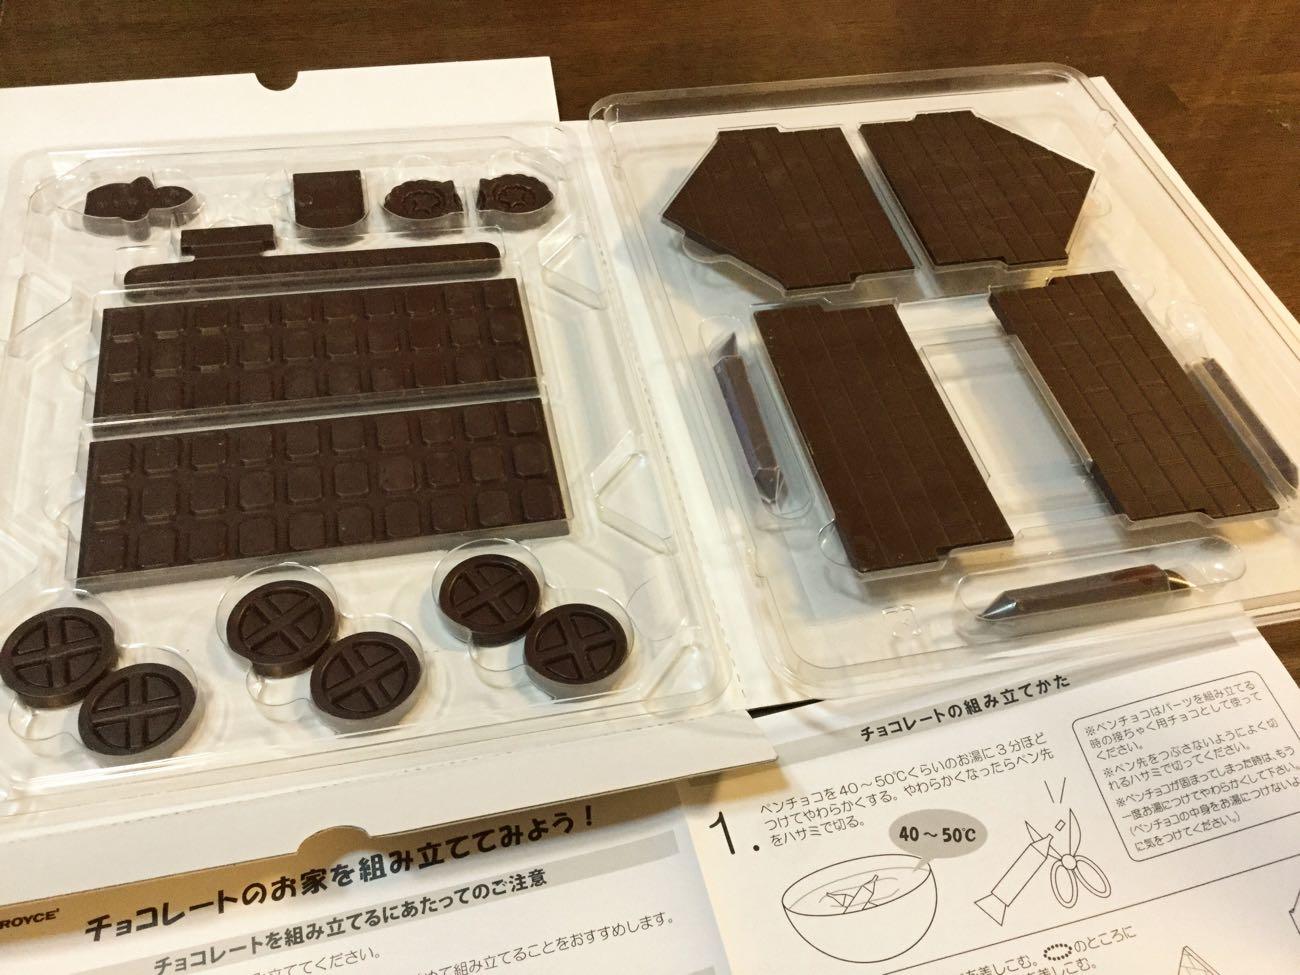 「チョコレートの家」のセット内容